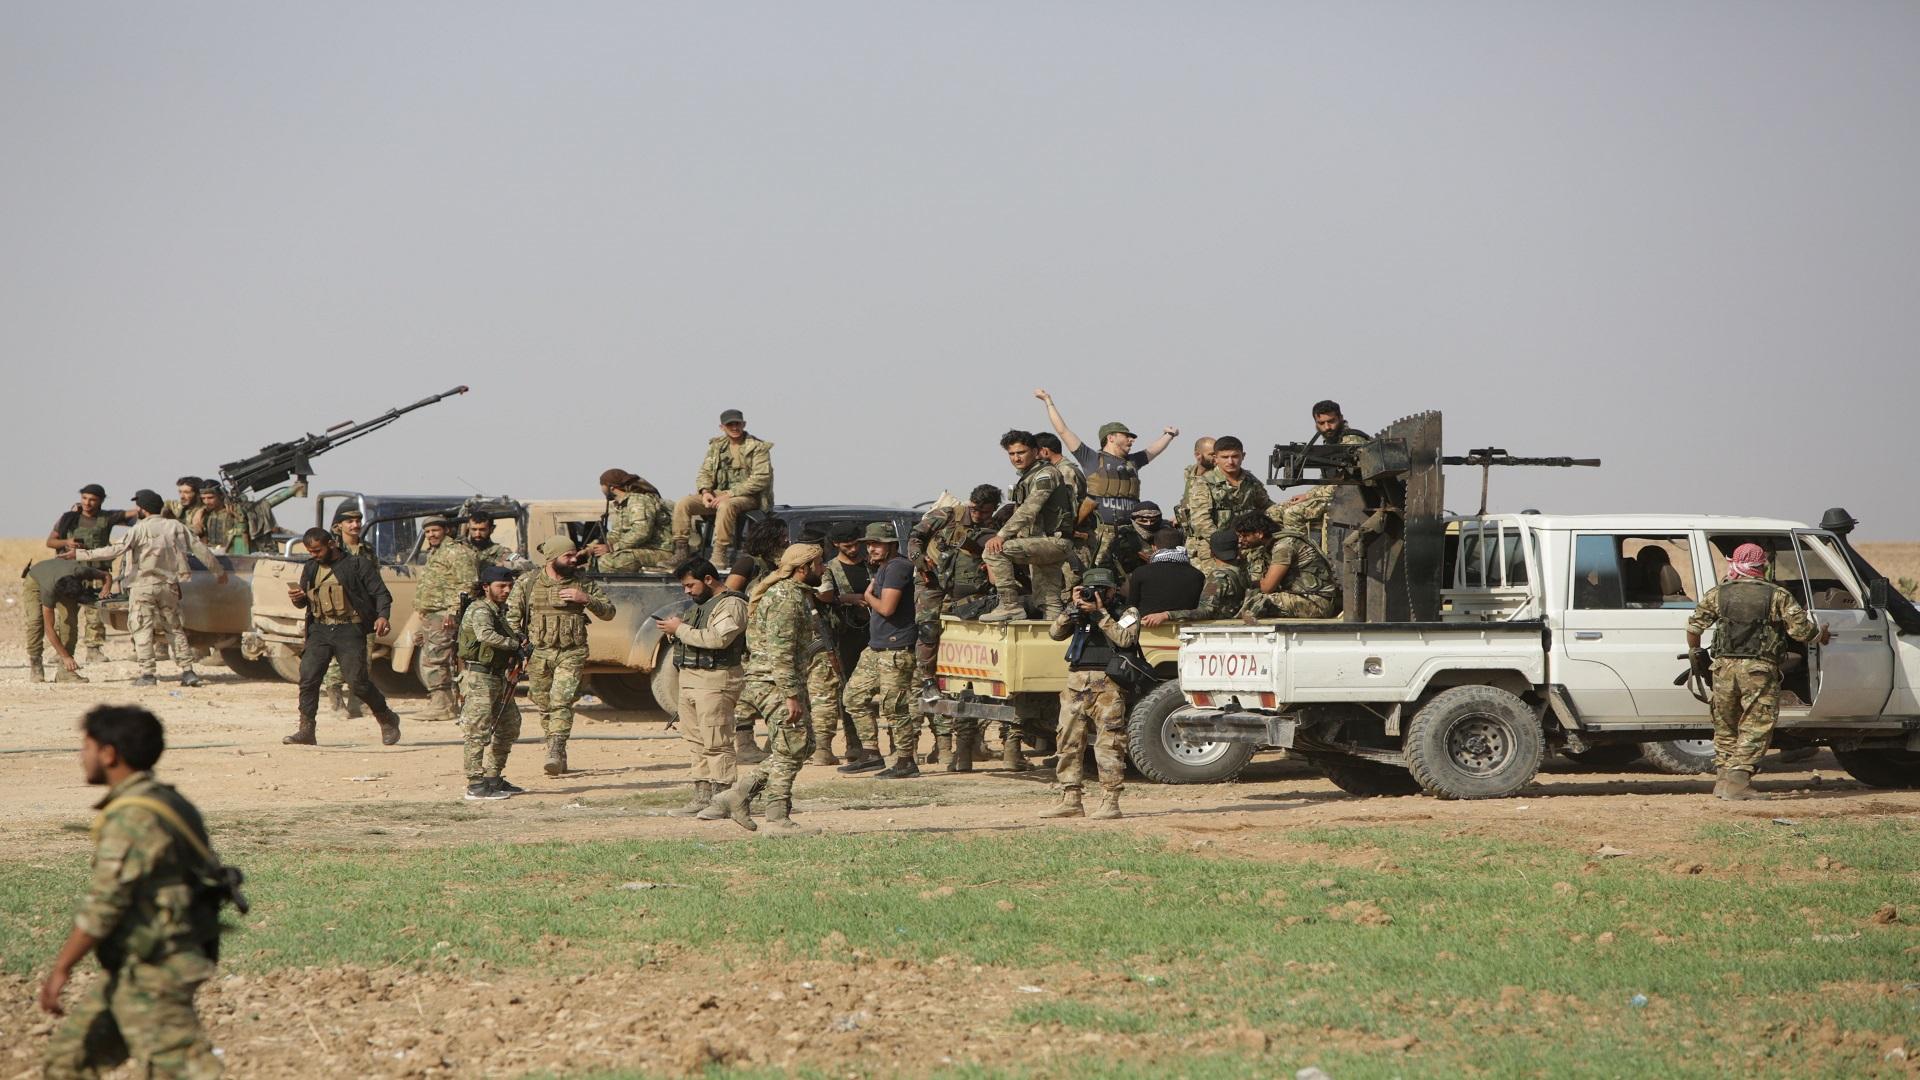 حميميم: مقتل عسكري للنظام السوري  برصاص قناص في ريف إدلب